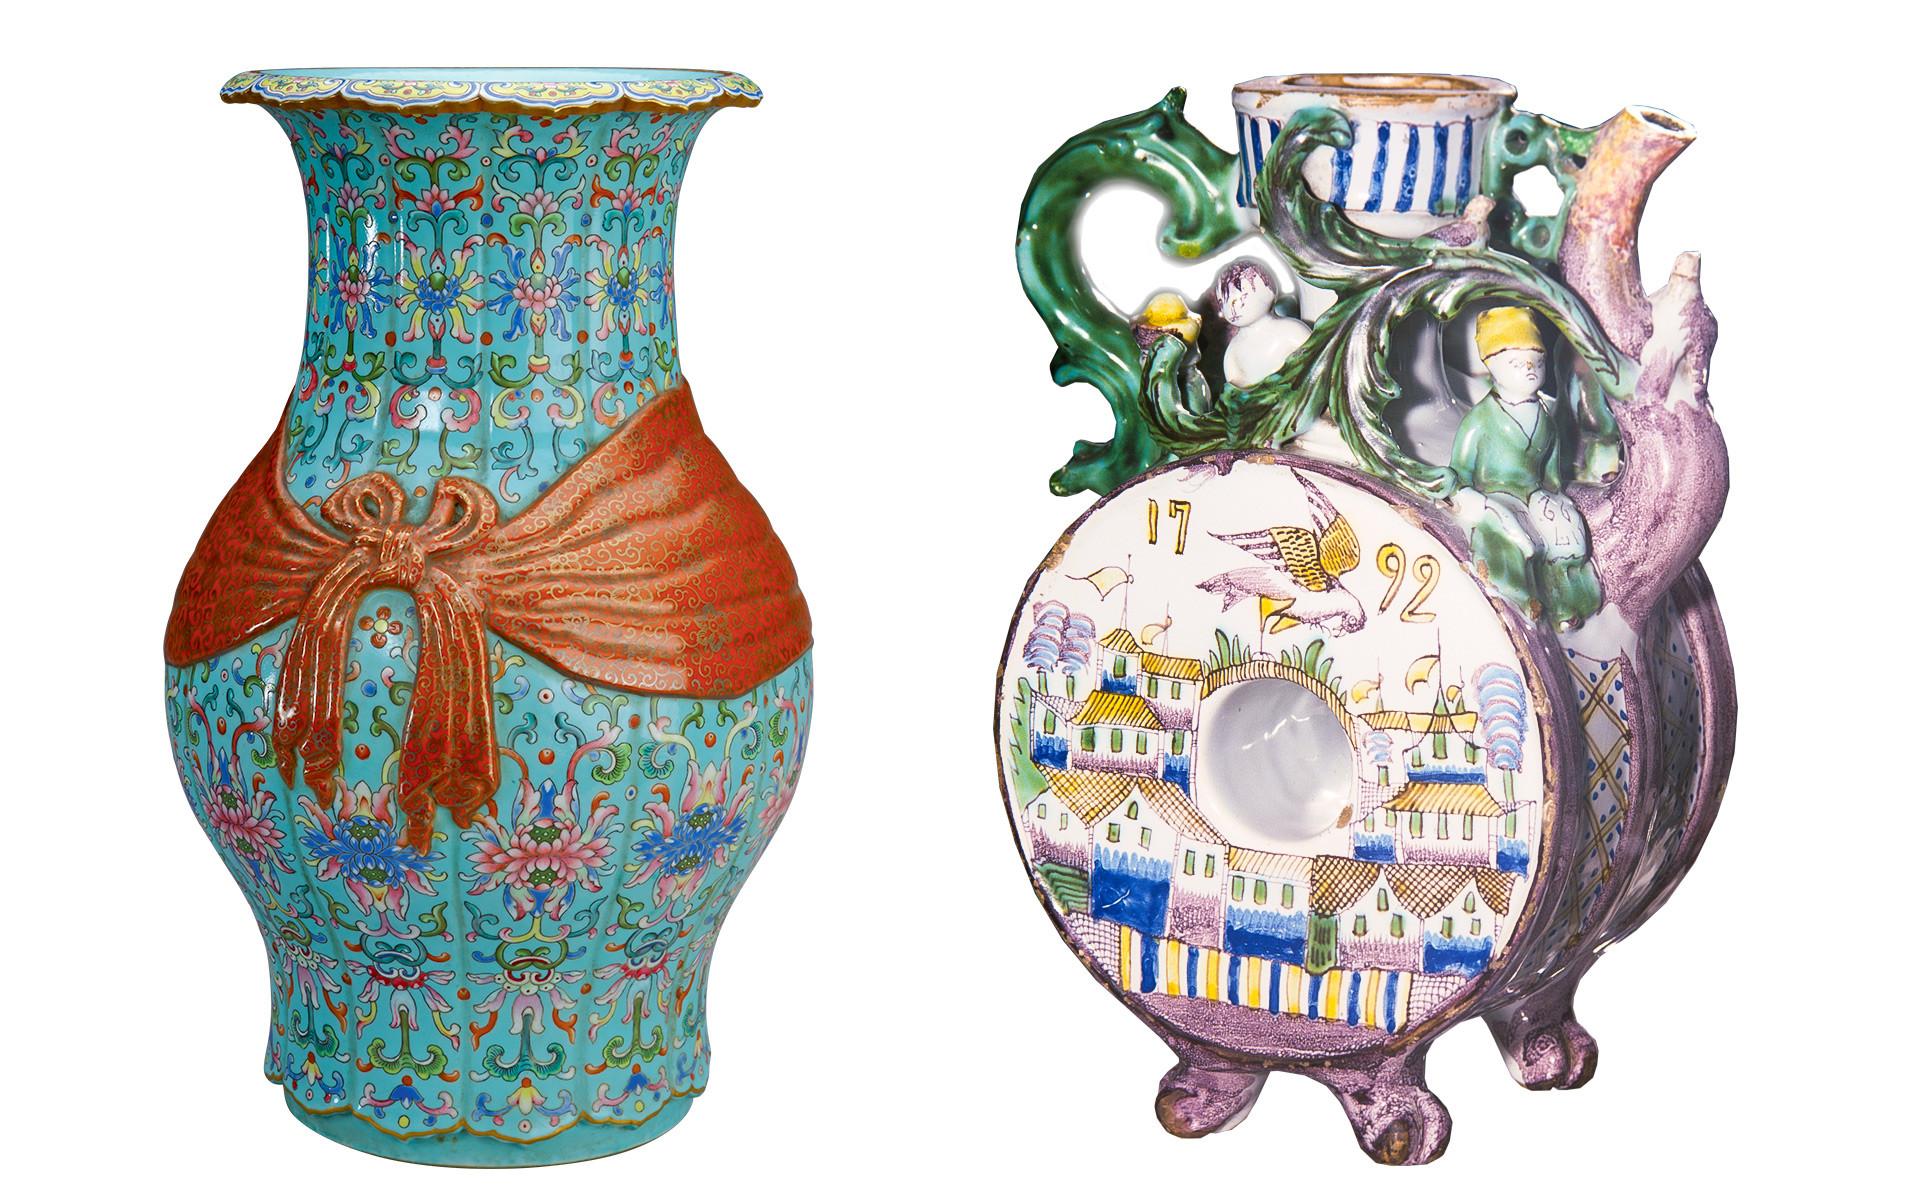 左:清朝時代、乾隆帝の統治期。右:ロシアのグジェリのジョッキ。18世紀。